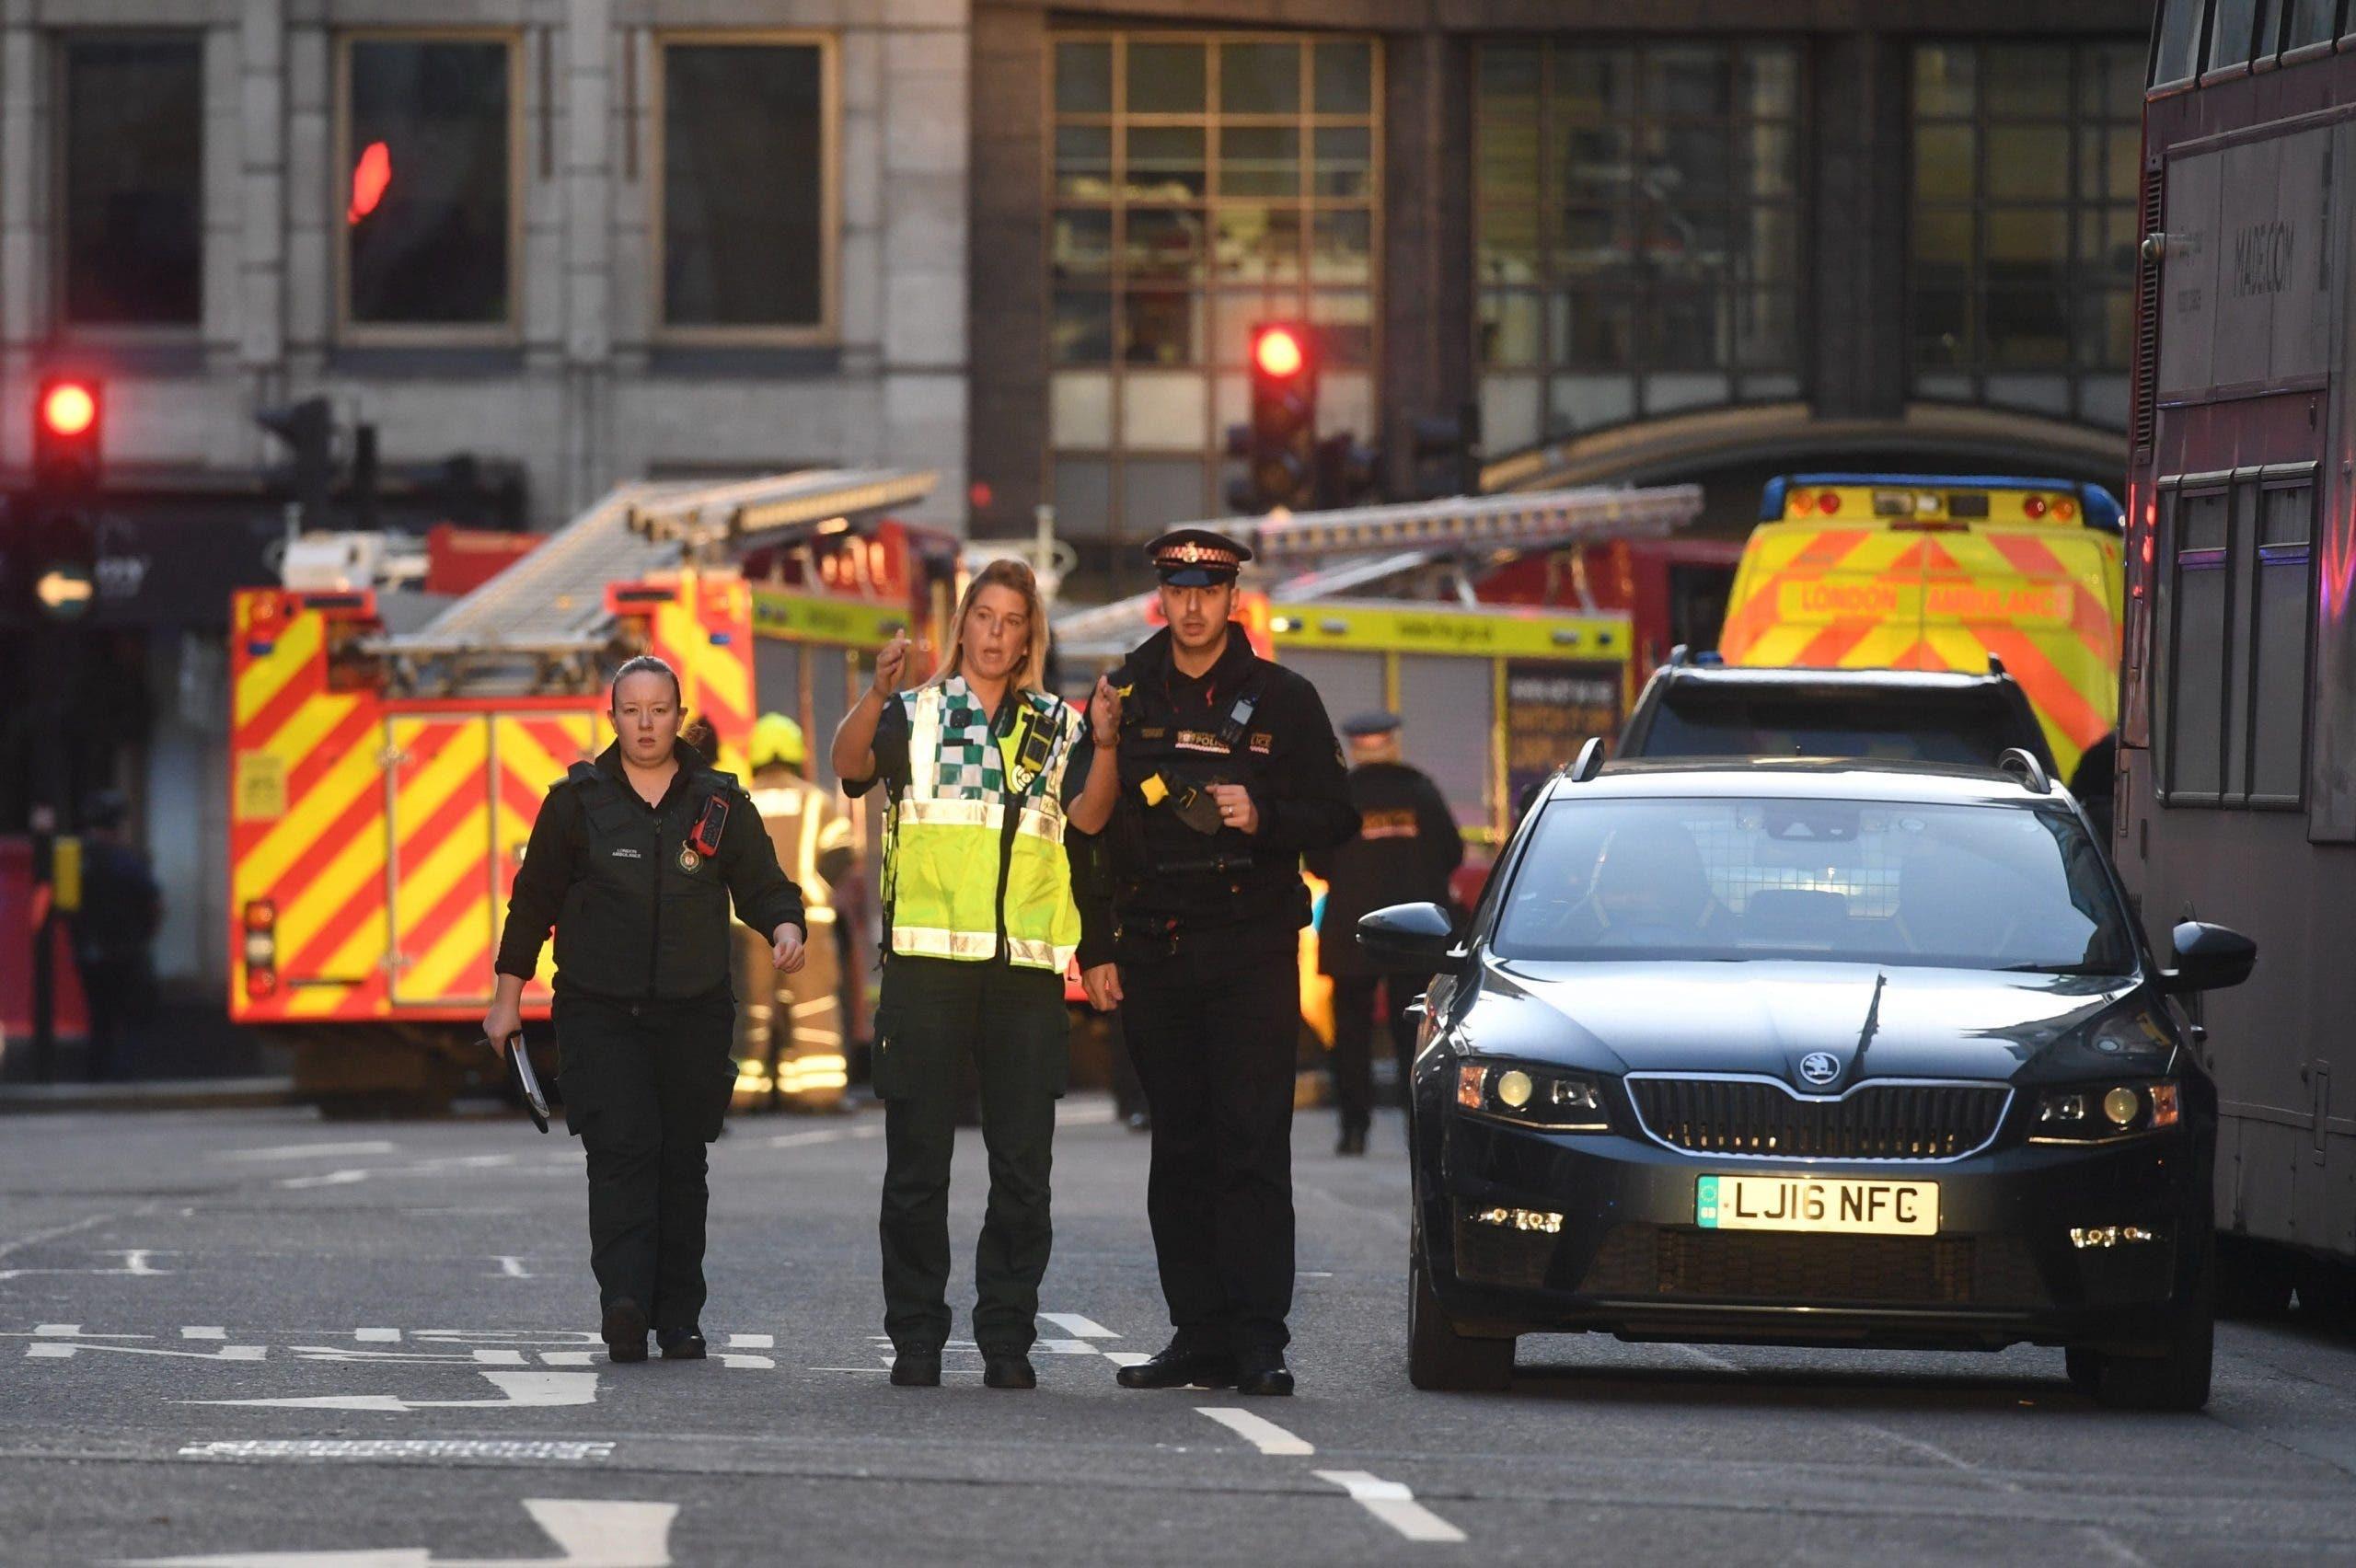 Varias personas apuñaladas cerca del Puente de Londres